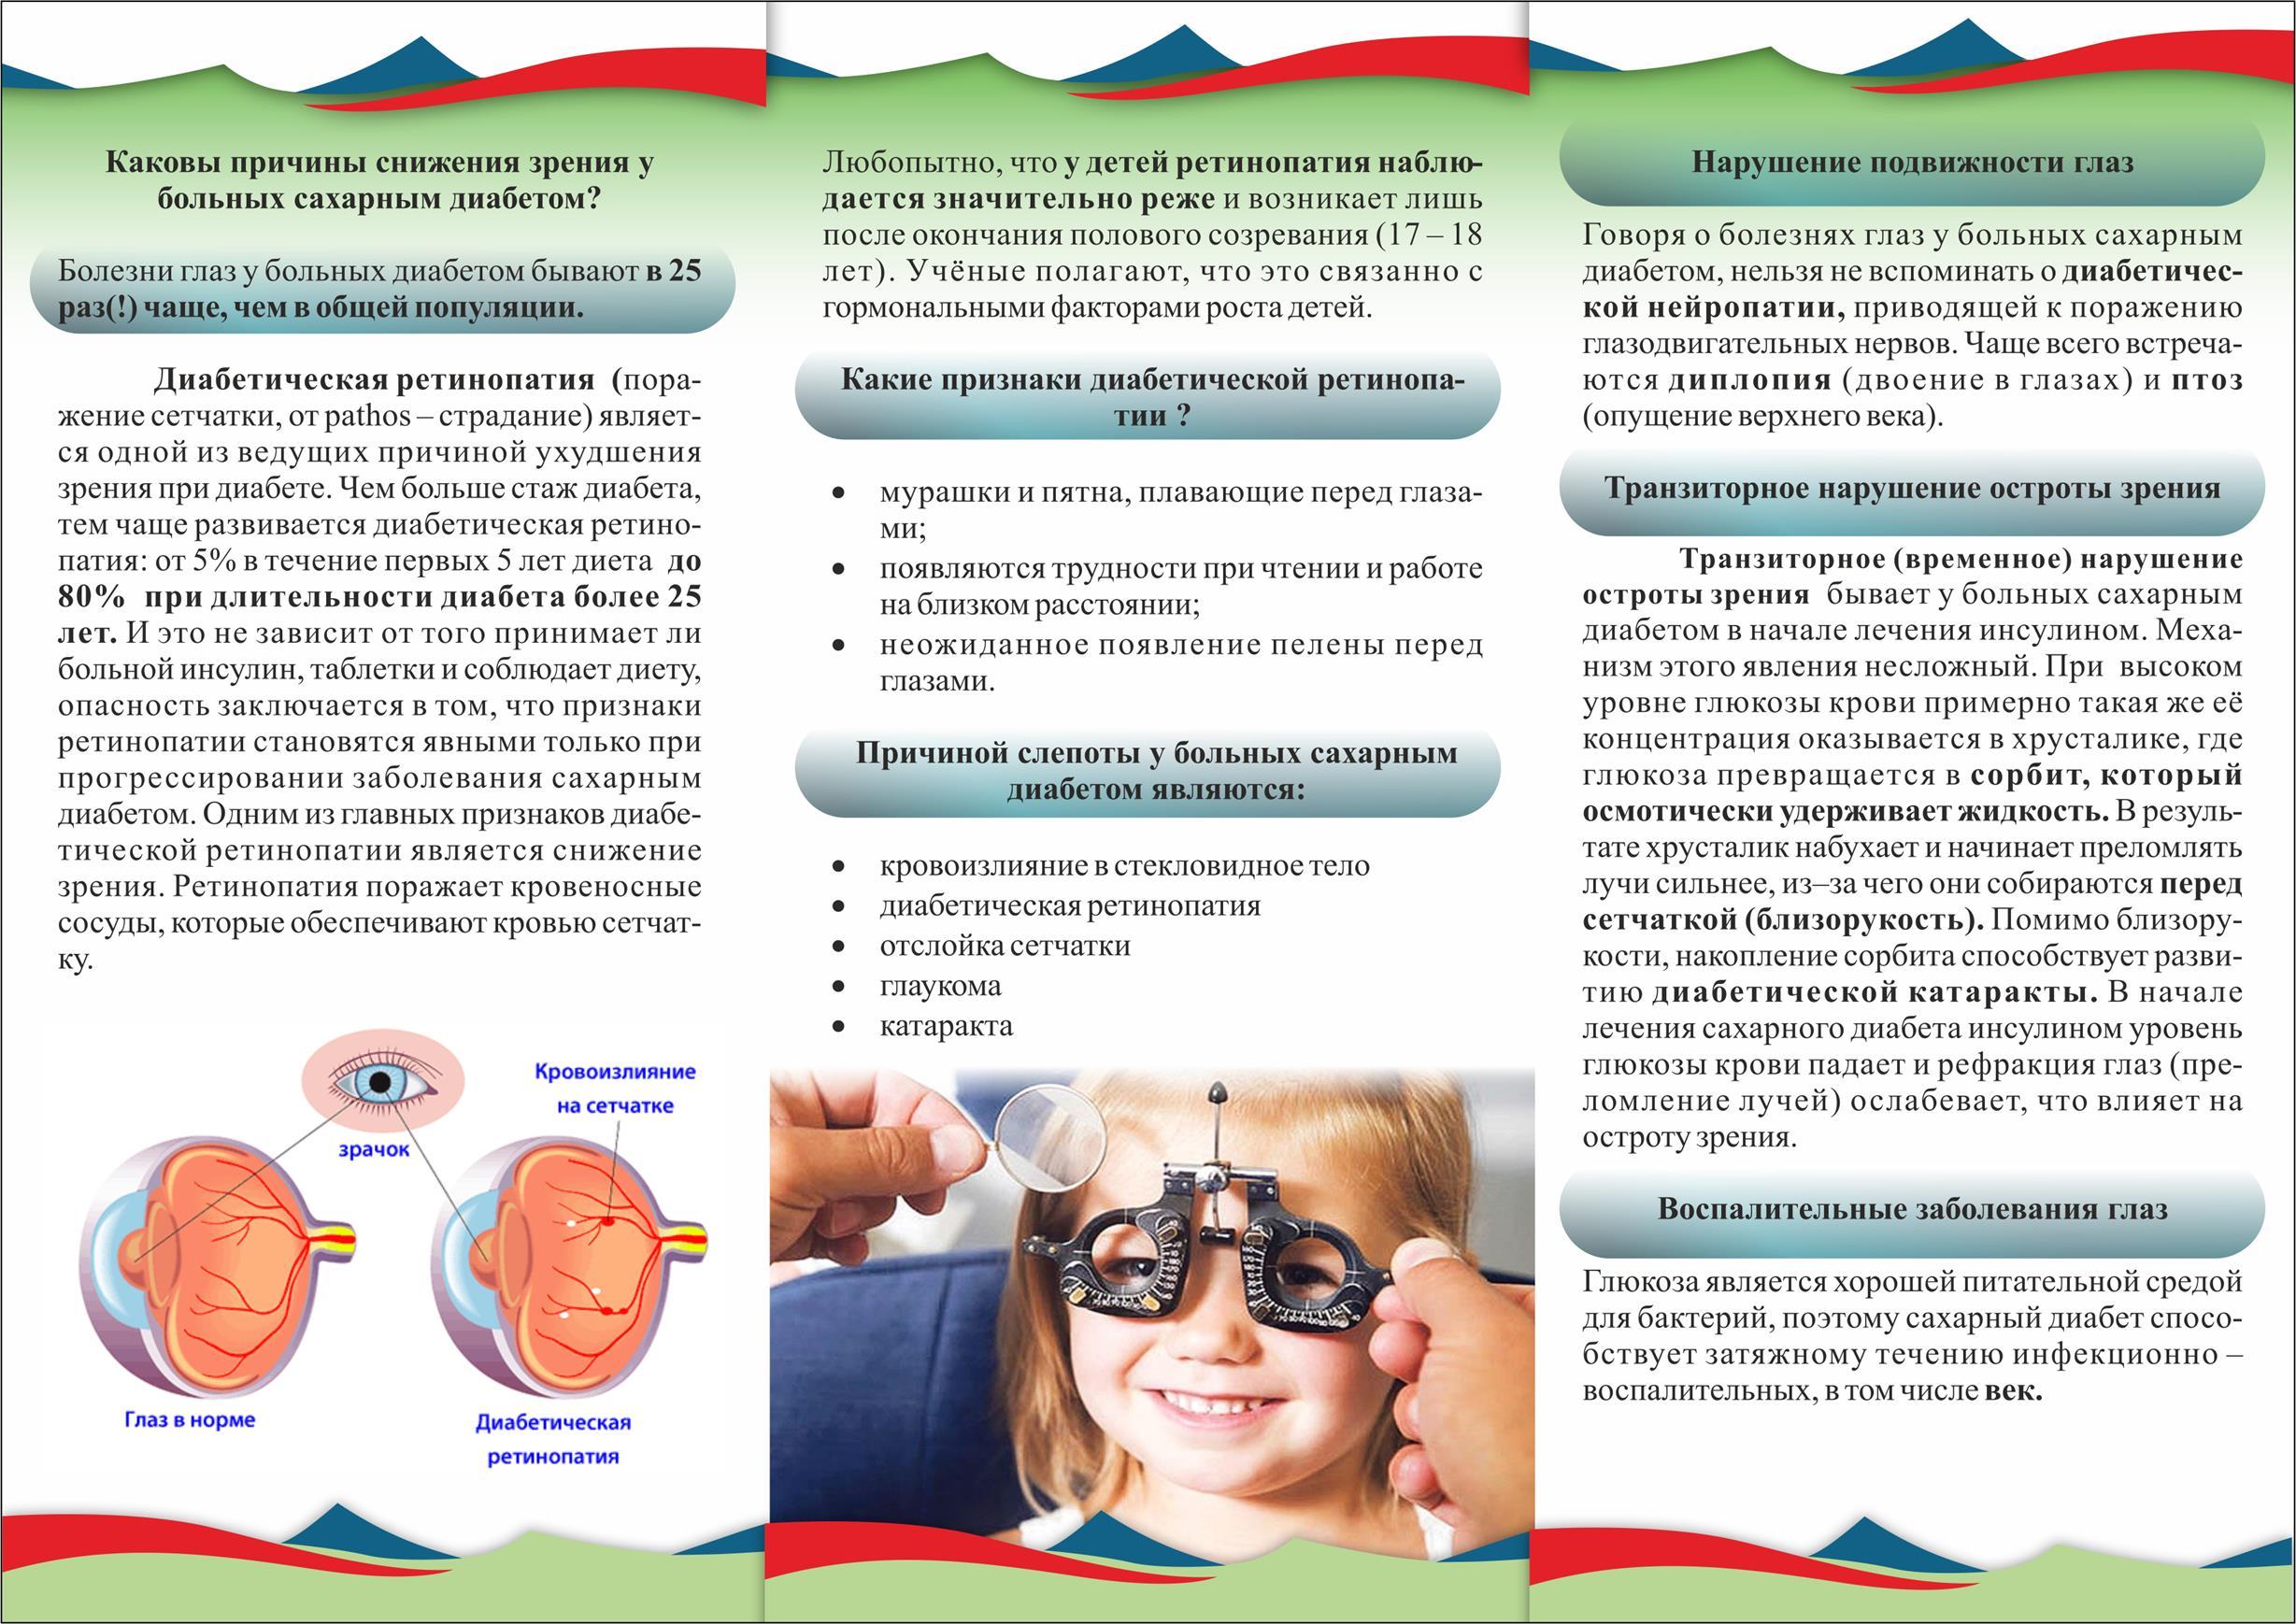 препараты при гипотиреозе у детей